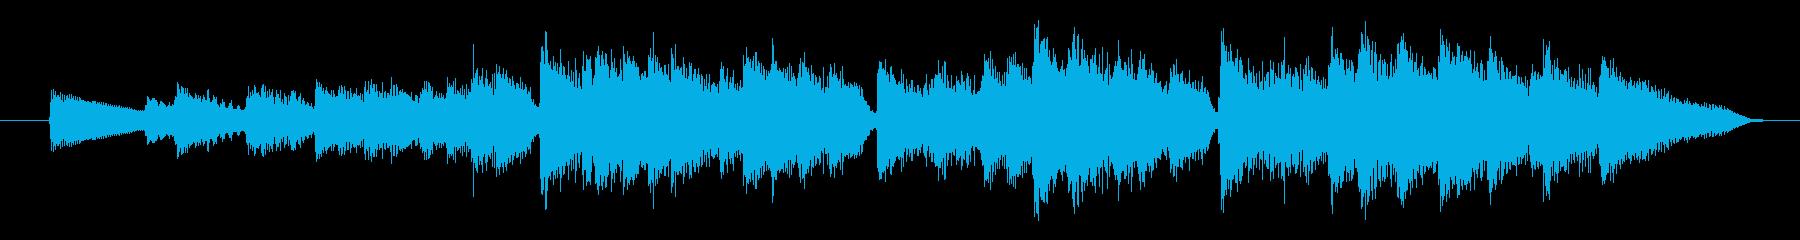 シューマン作品12飛翔 途中の激しい部分の再生済みの波形